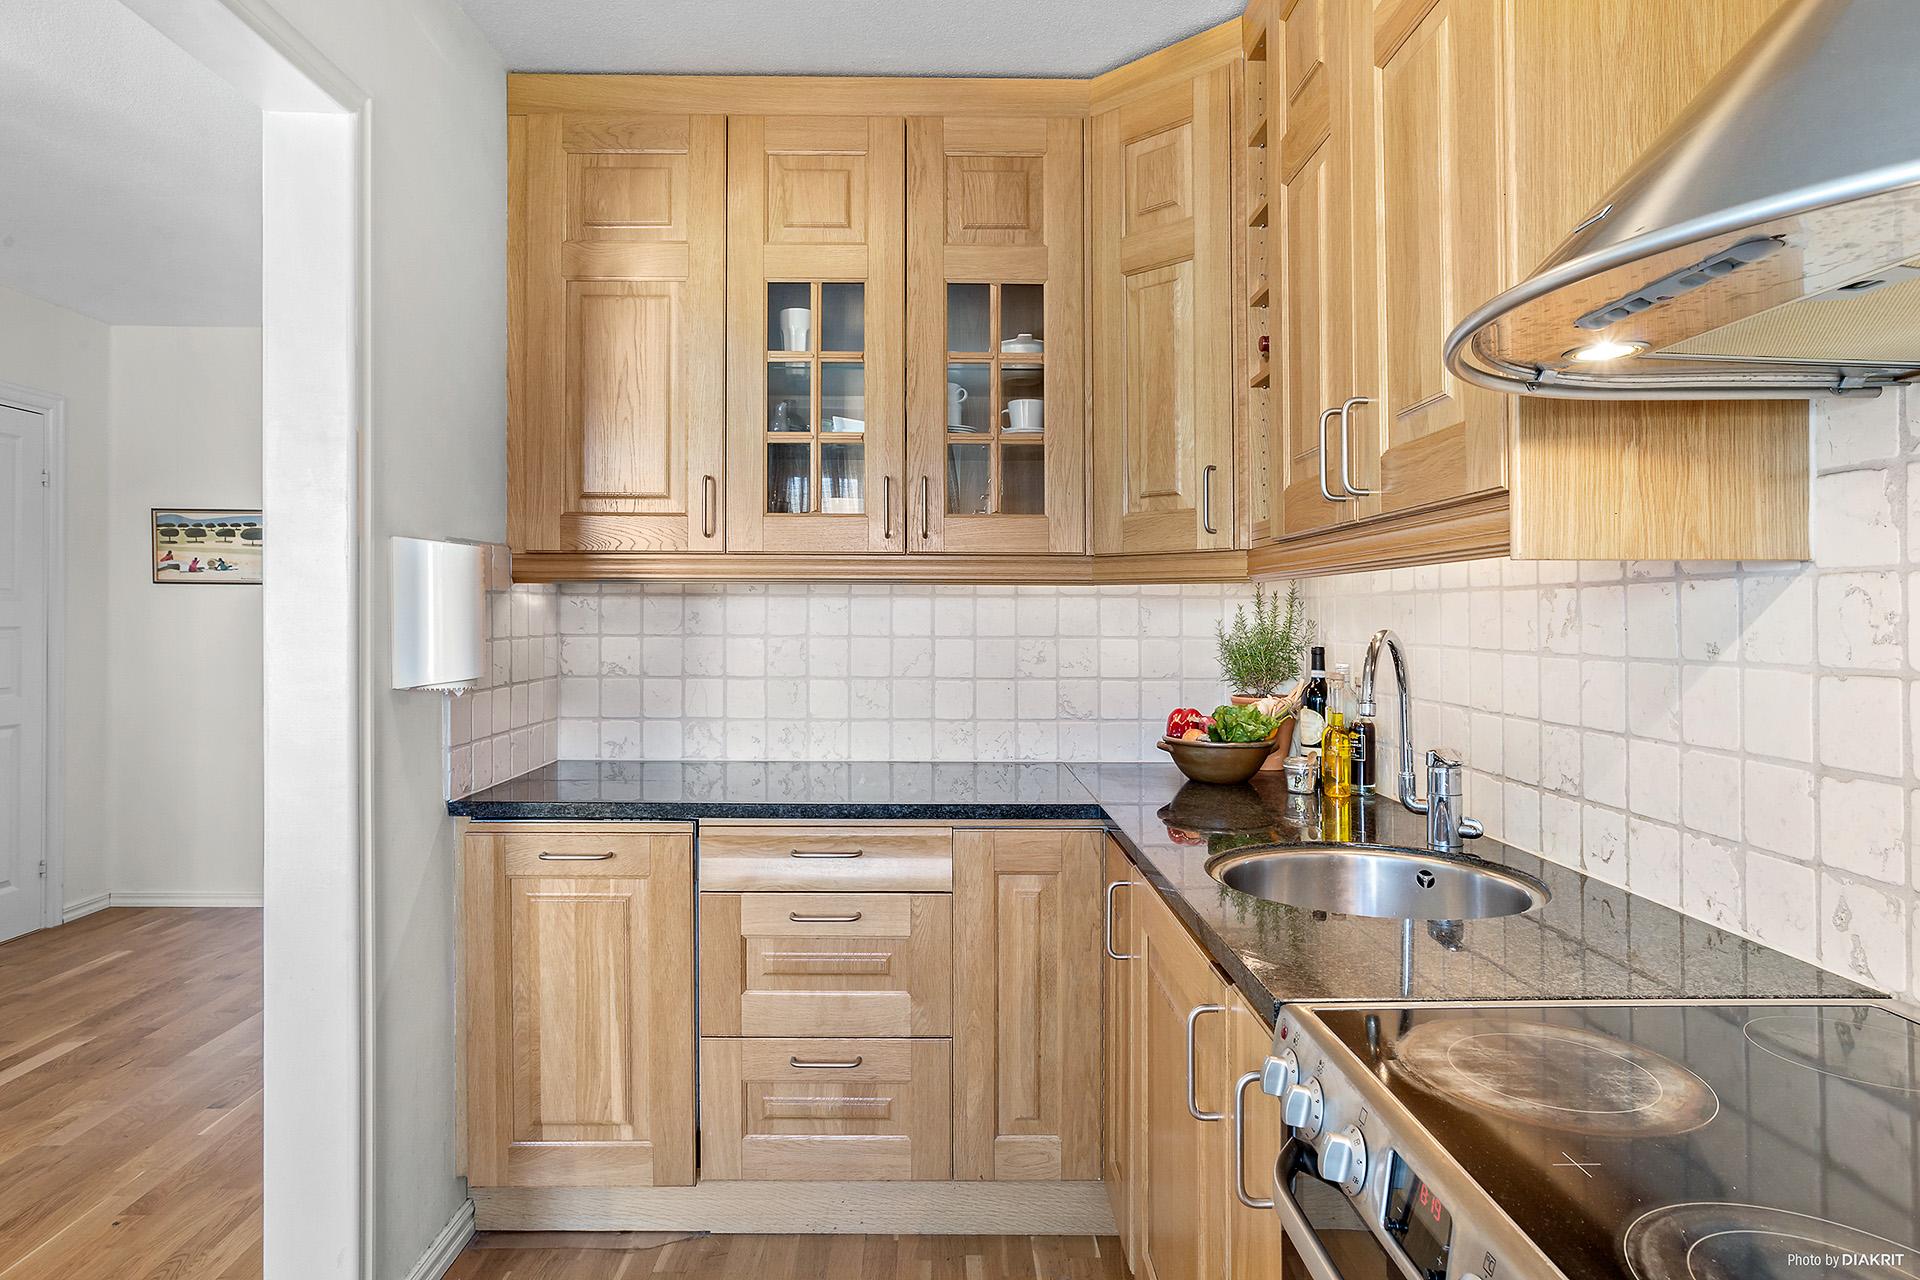 Stiligt kök med arbetsbänk i granit